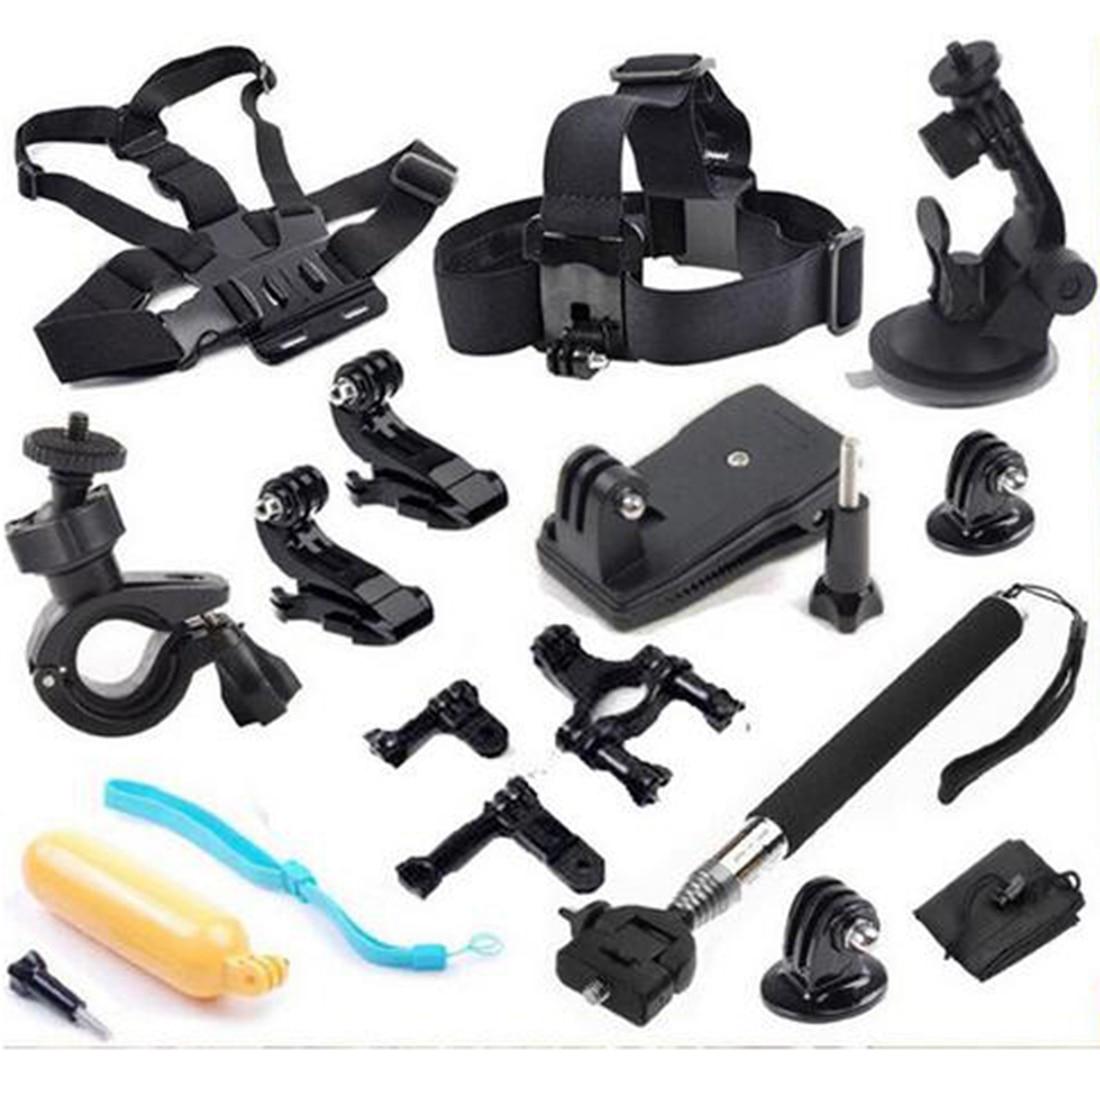 Спорт действий Камера аксессуары 12 в 1 компл. Семья Kit Go Pro SJ4000 SJ5000 SJ6000 аксессуары посылка для GoPro Hero 1 2 3 4